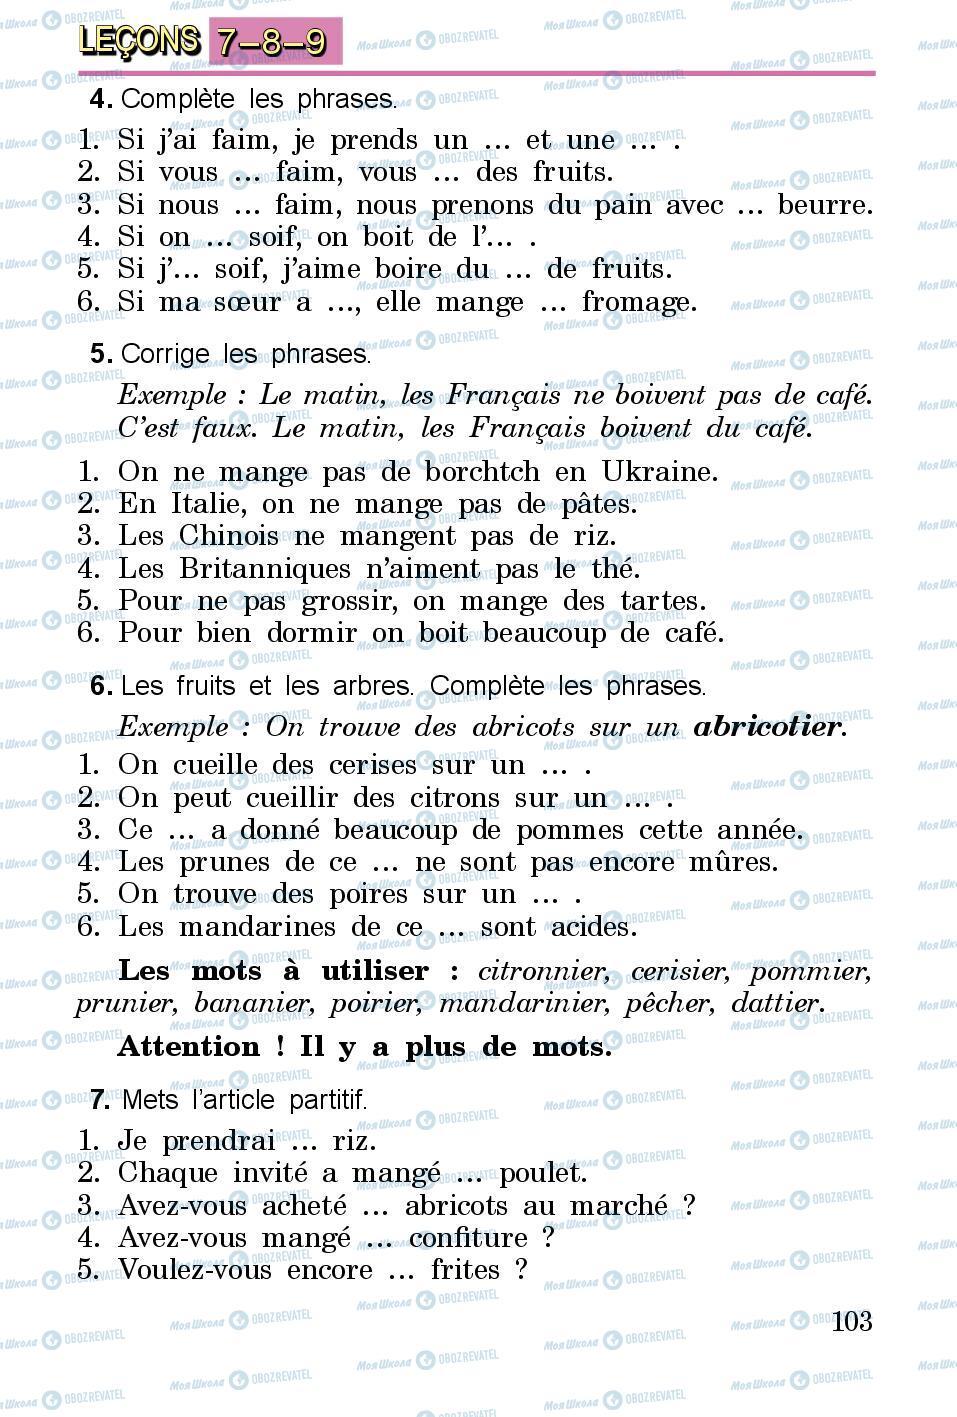 Підручники Французька мова 3 клас сторінка 103